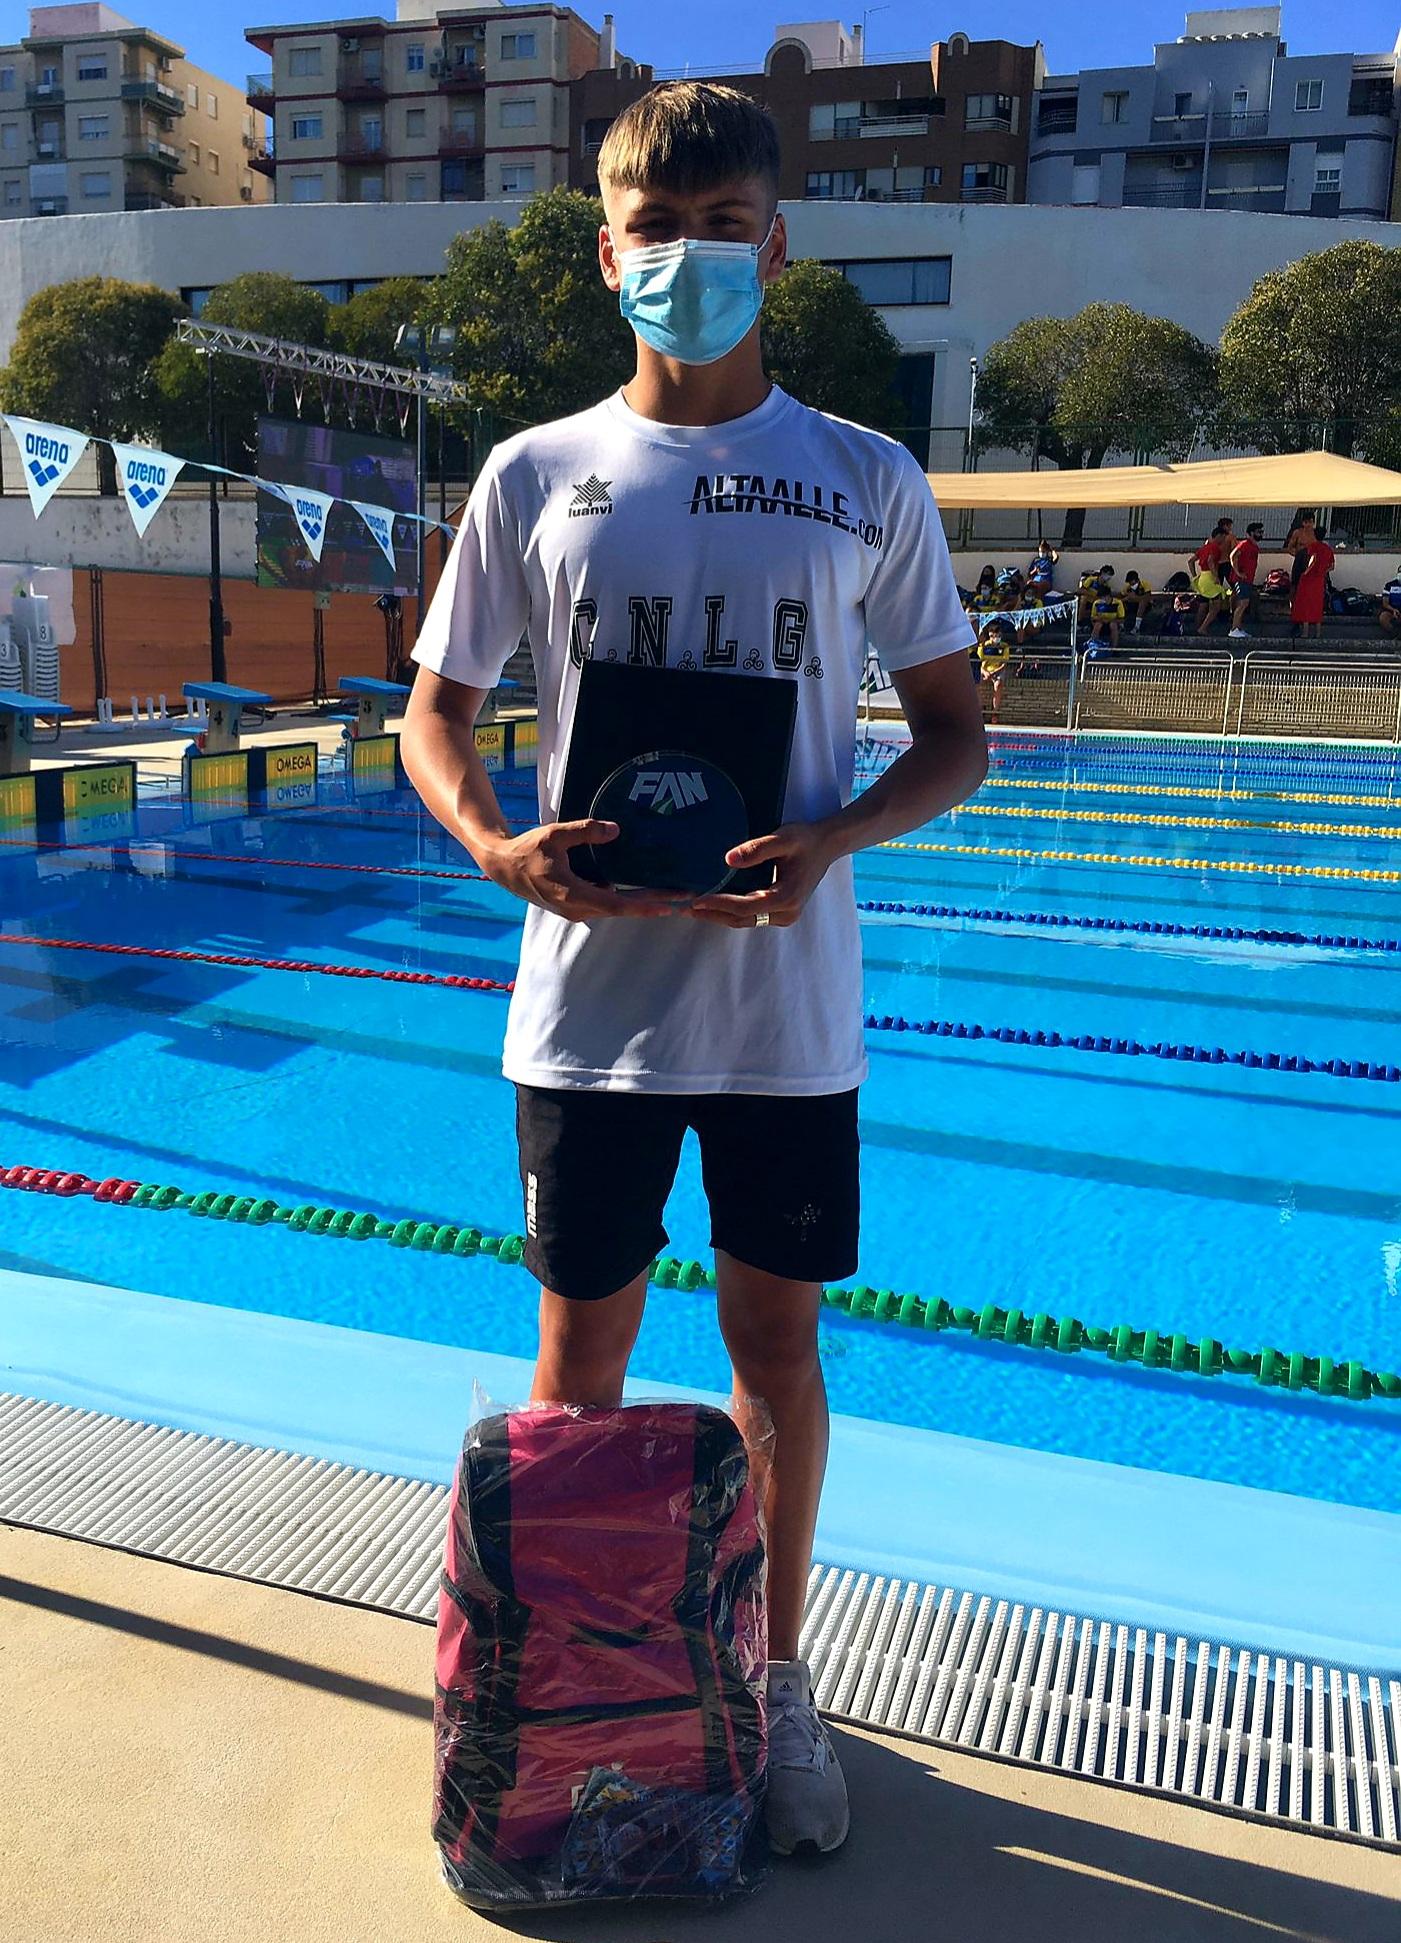 El nadador vegueño Alex Nurminen logra tres nuevas medallas en el Campeonato de Andalucía Infantil